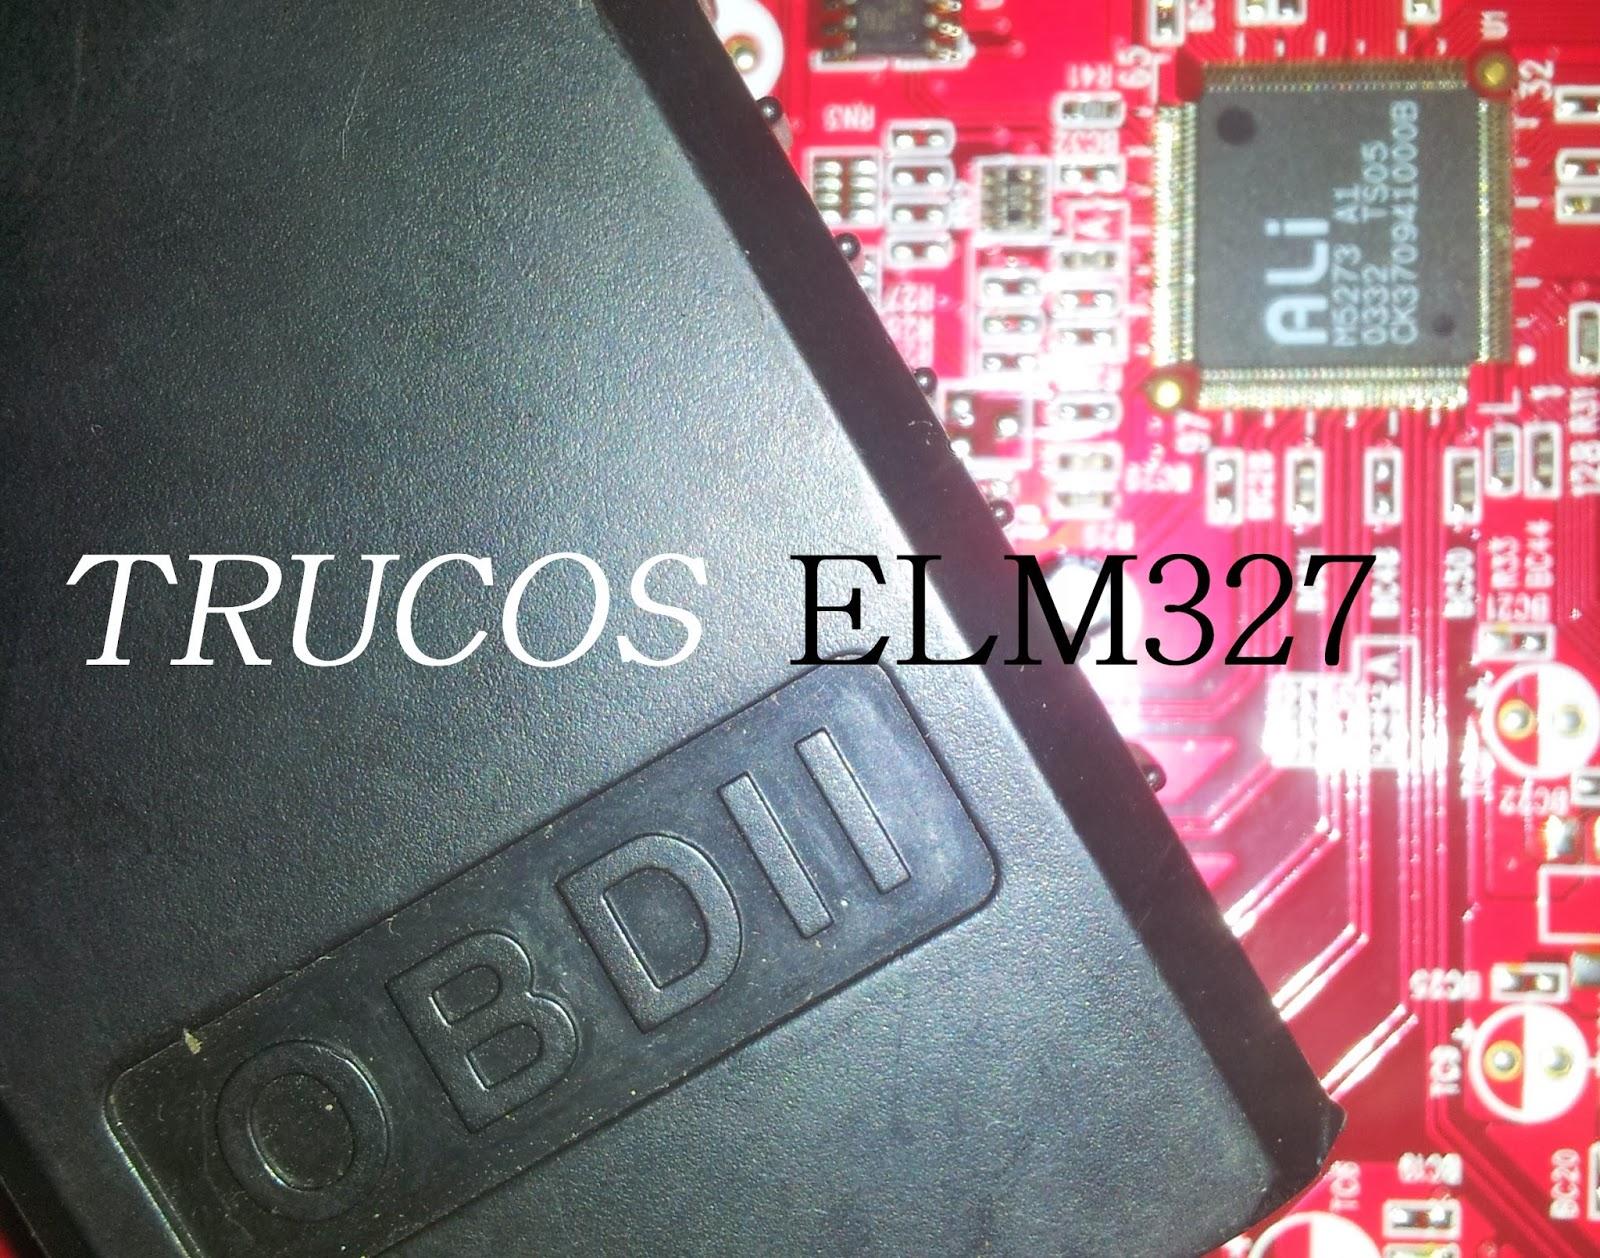 Trucos y consejos ELM327. |